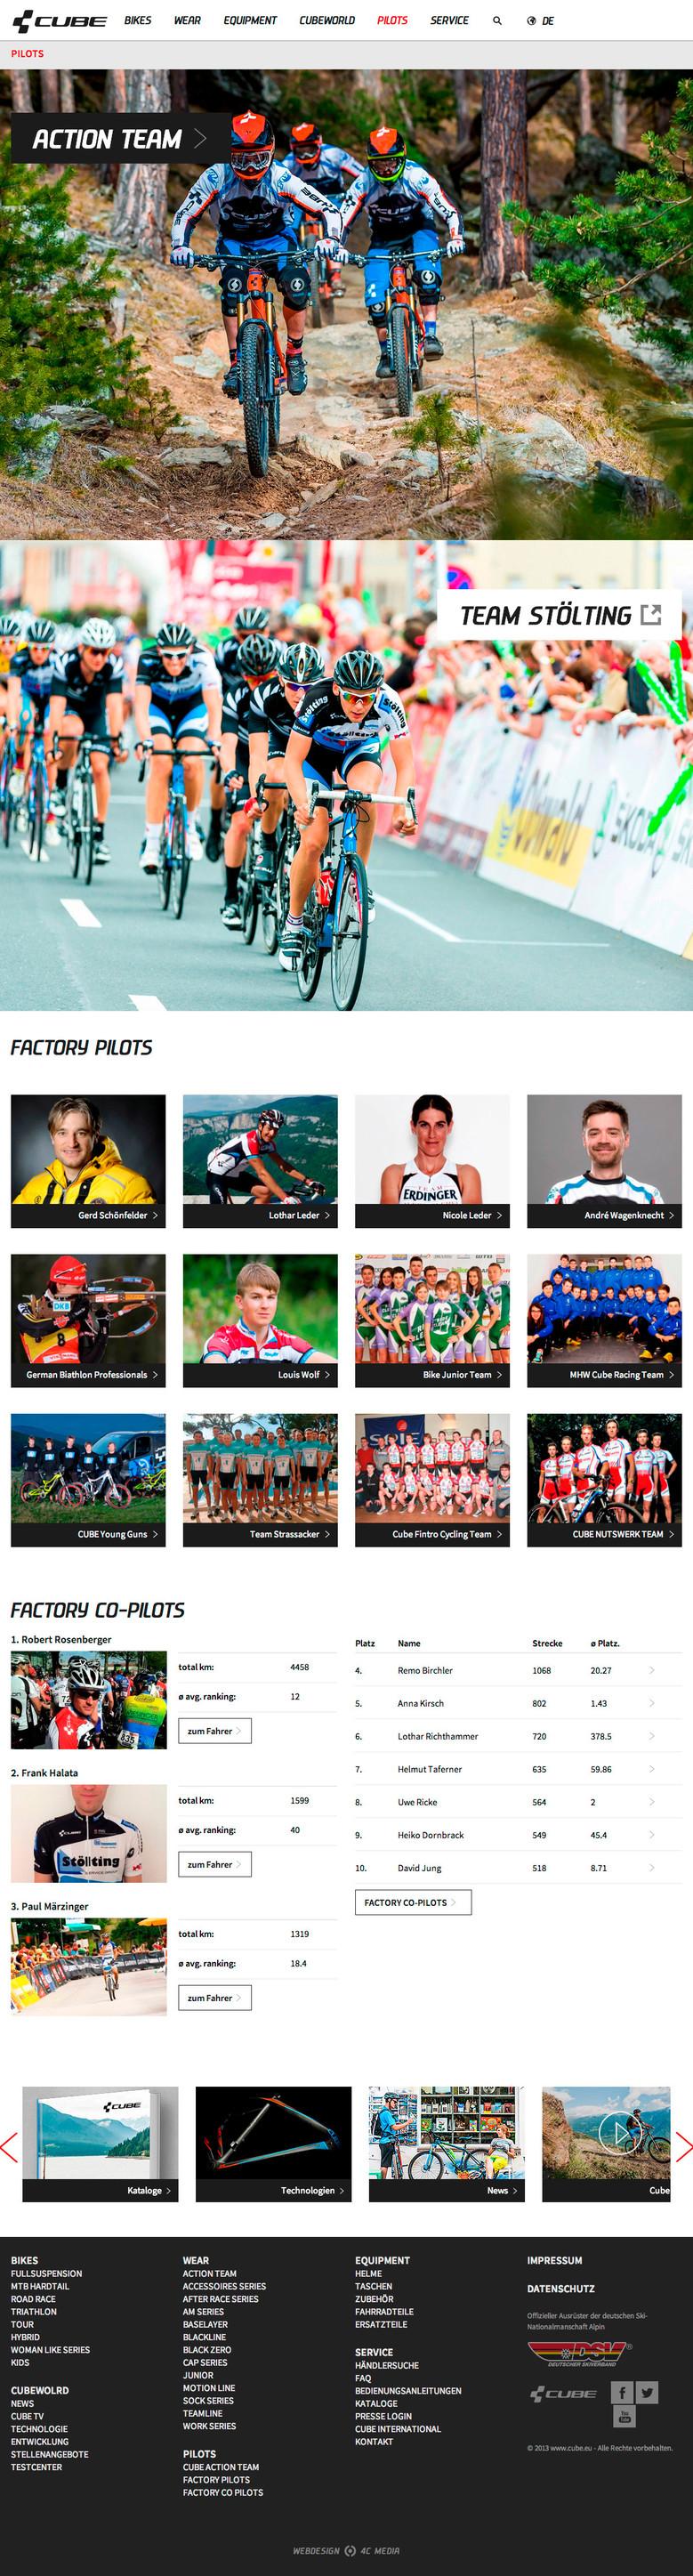 Spitzenräder – Spitzenfahrer